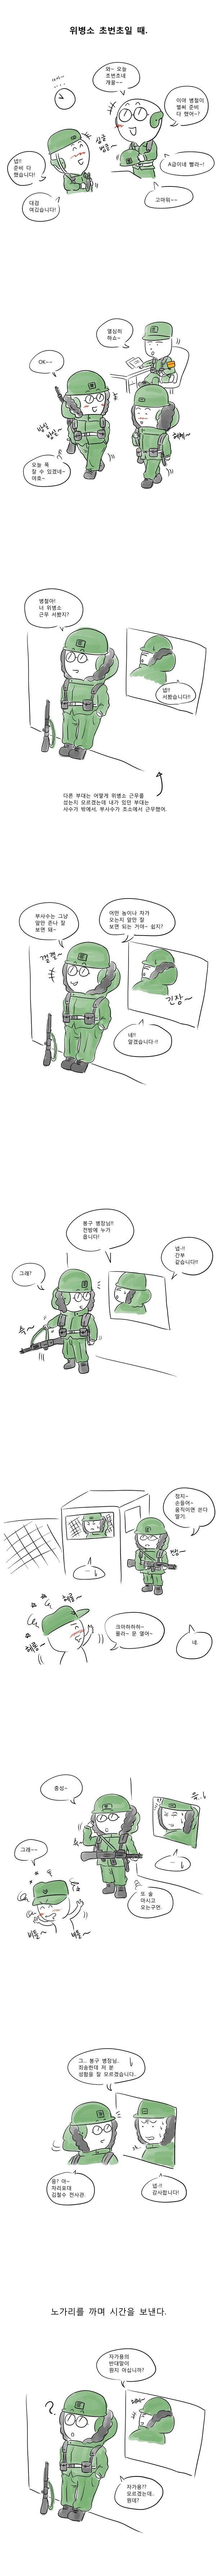 IMG_4732.JPG 위병소 근무서는 만화.jpg